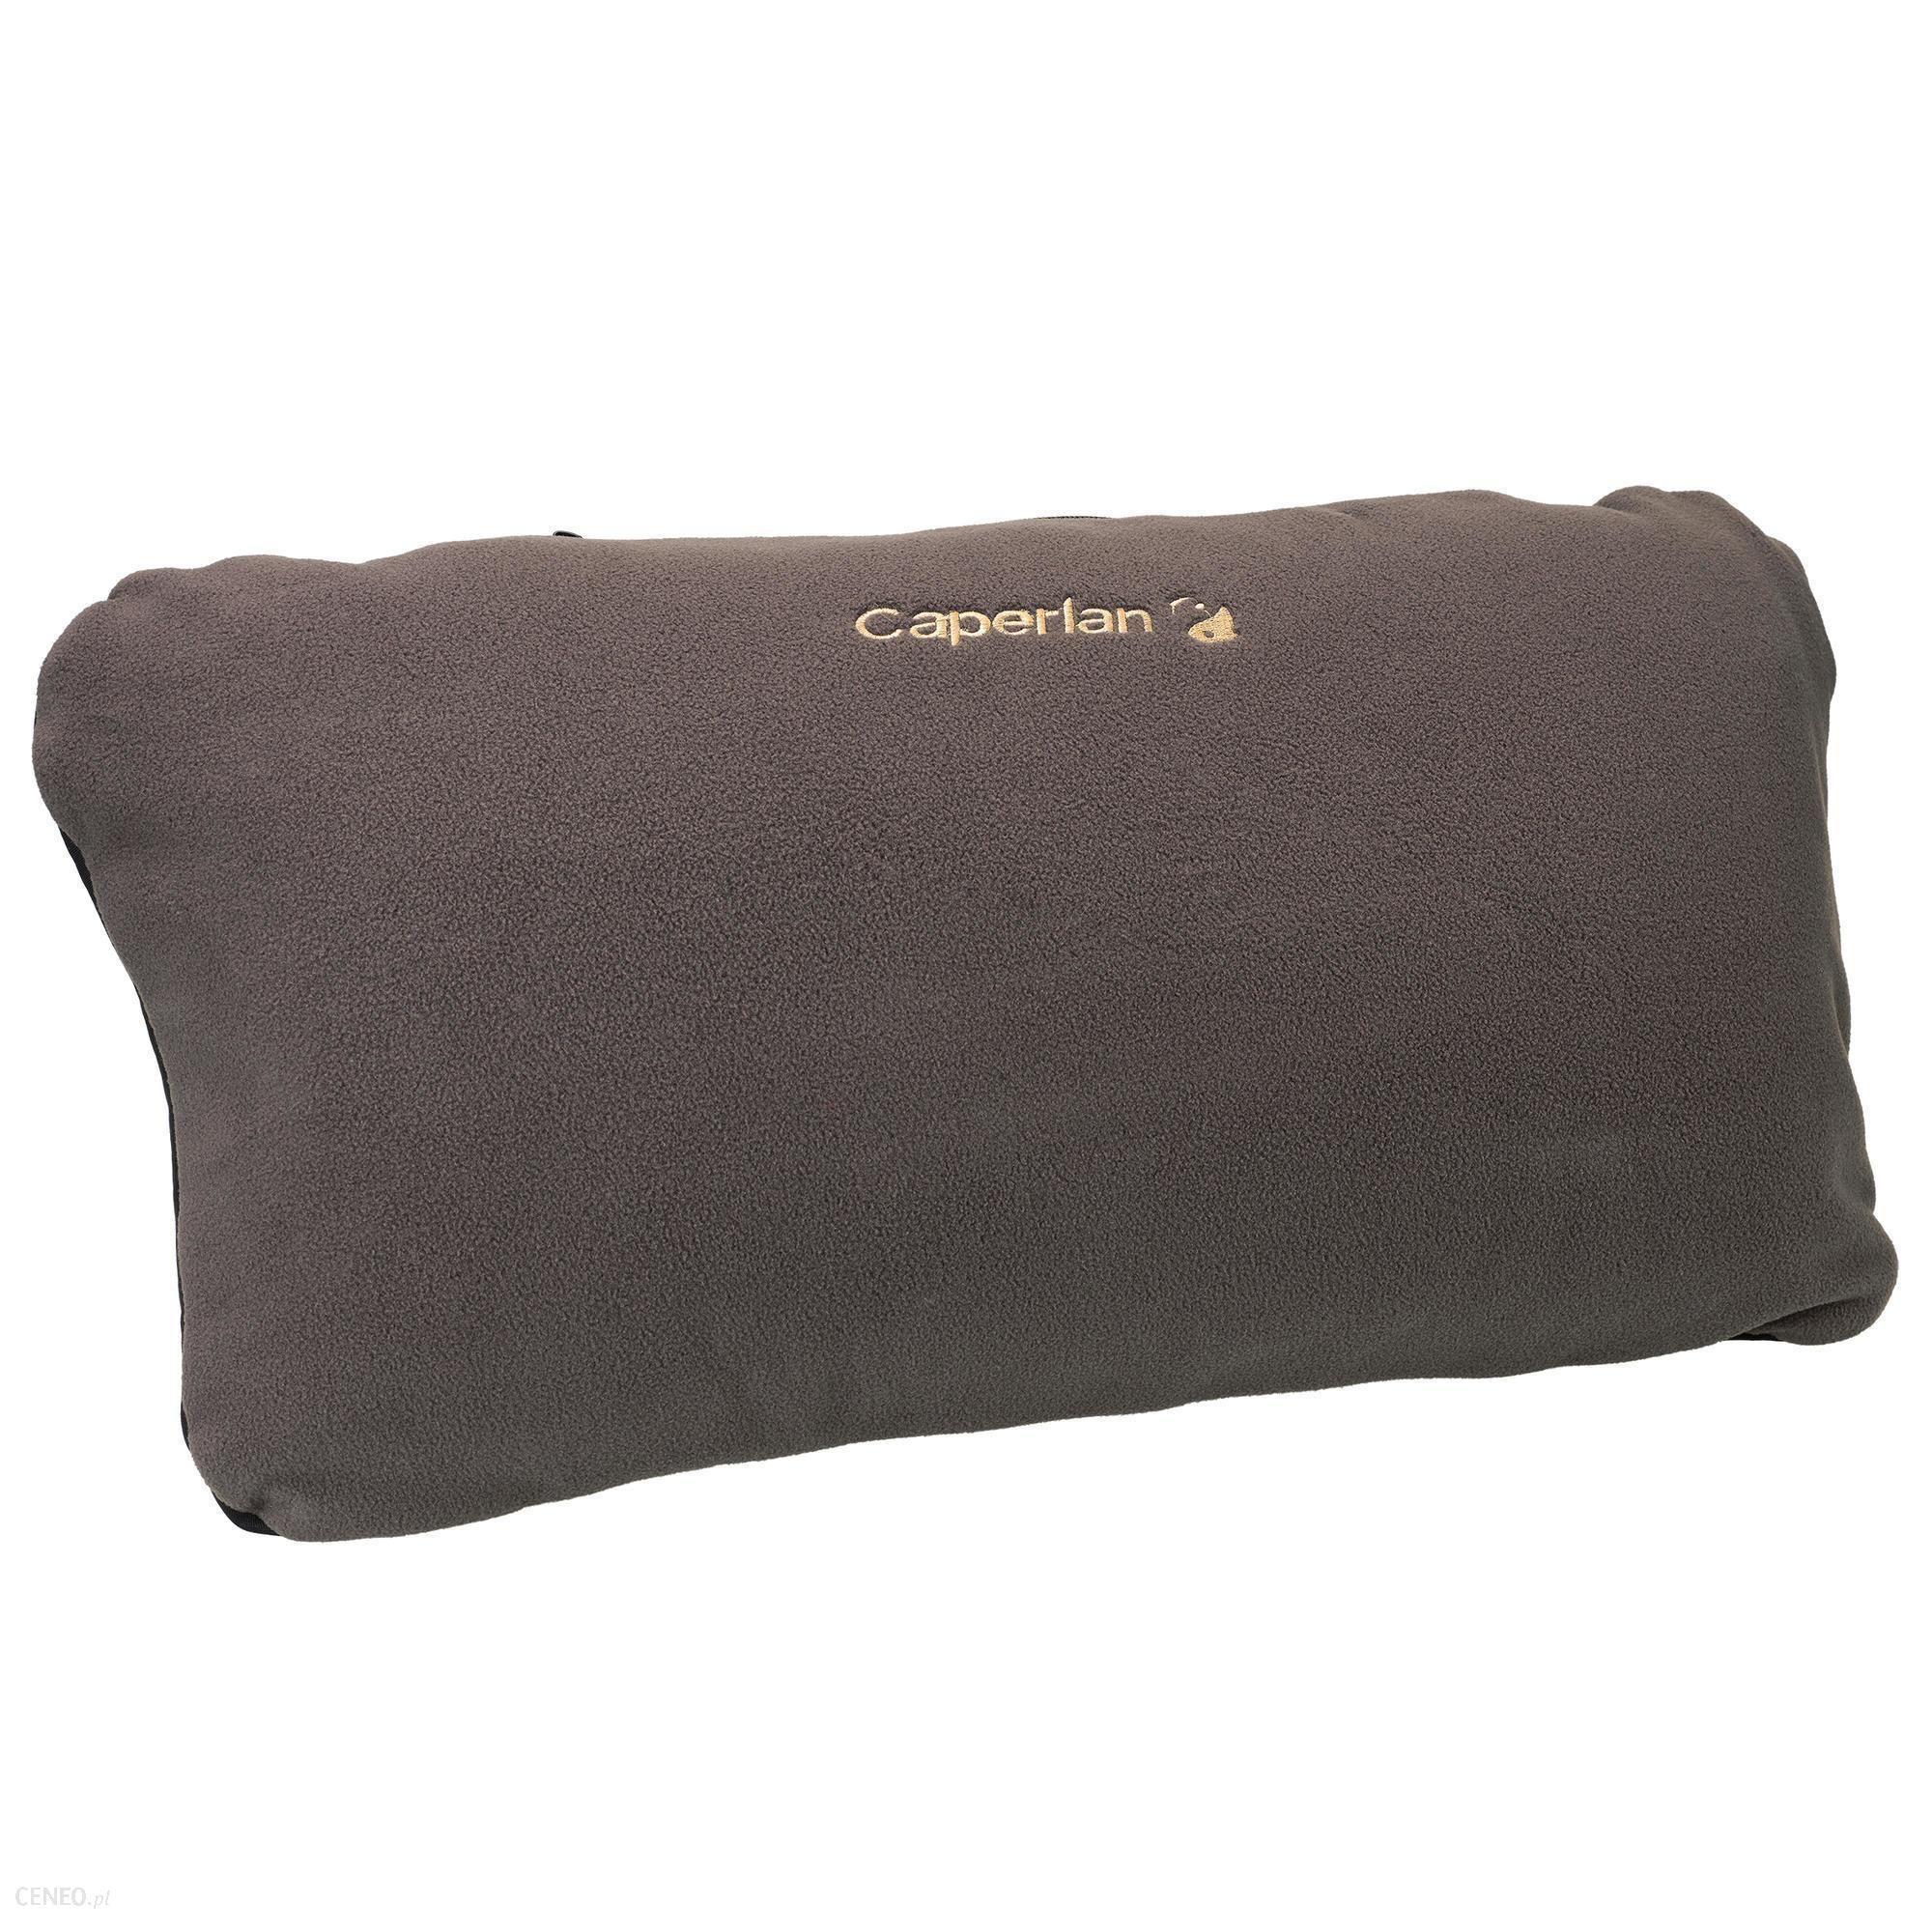 Caperlan Poduszka Do Łóżka Karpiowego Morphoz